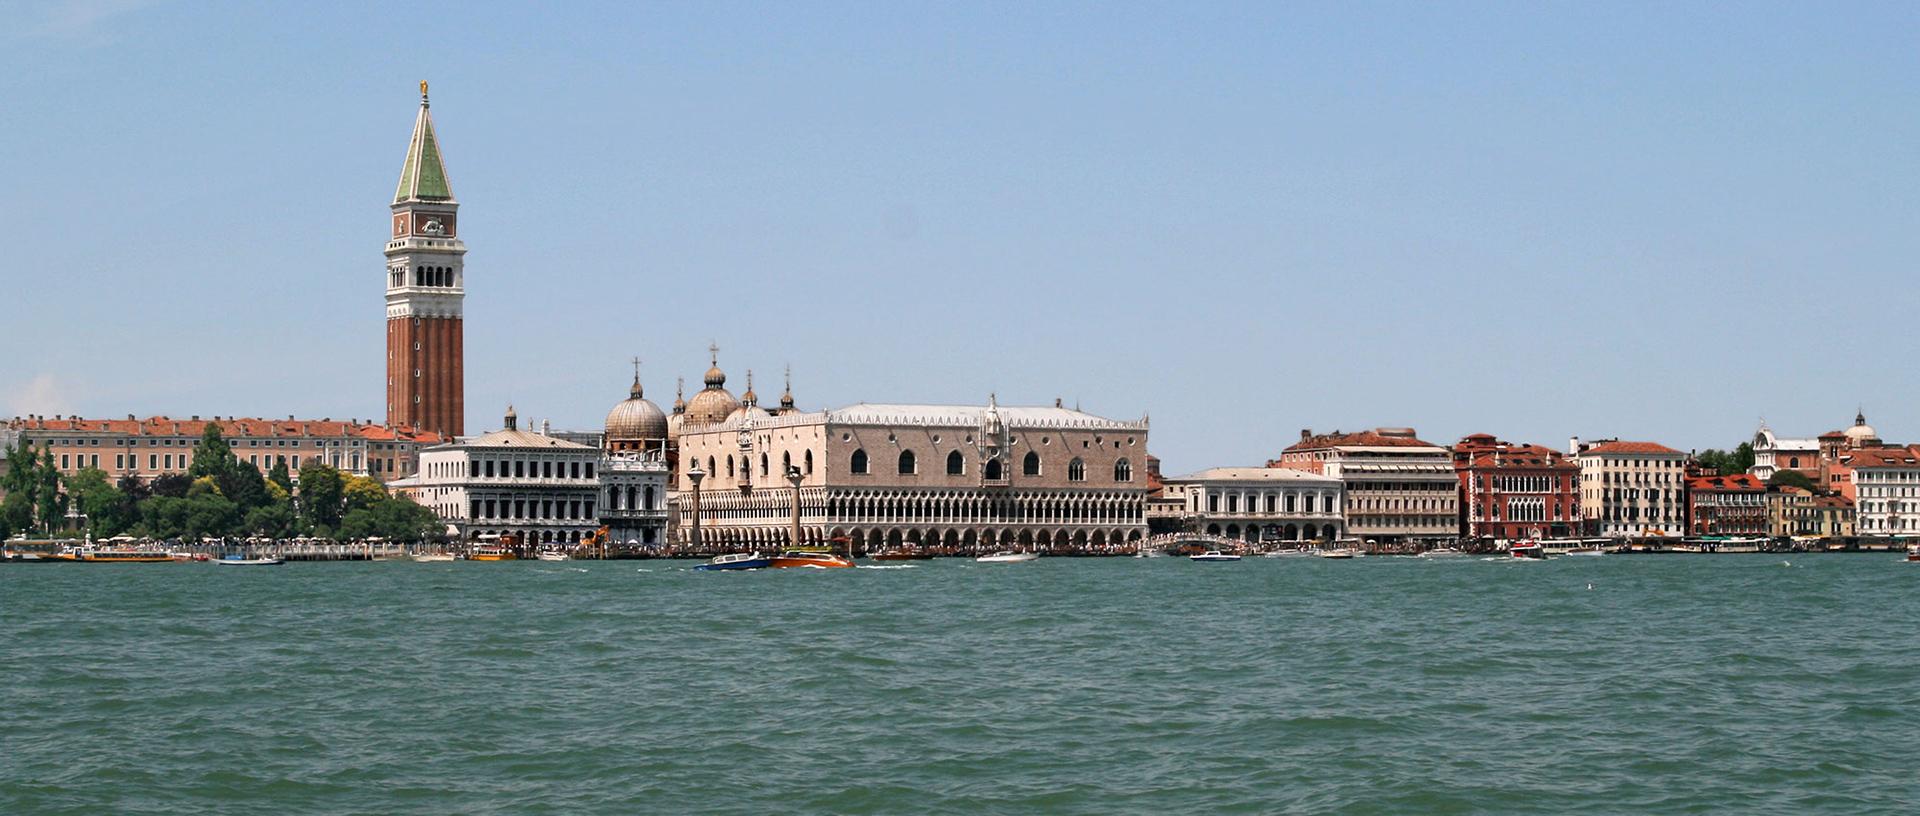 Венецианская архитектурная биеннале откроется 22 мая 2021 года